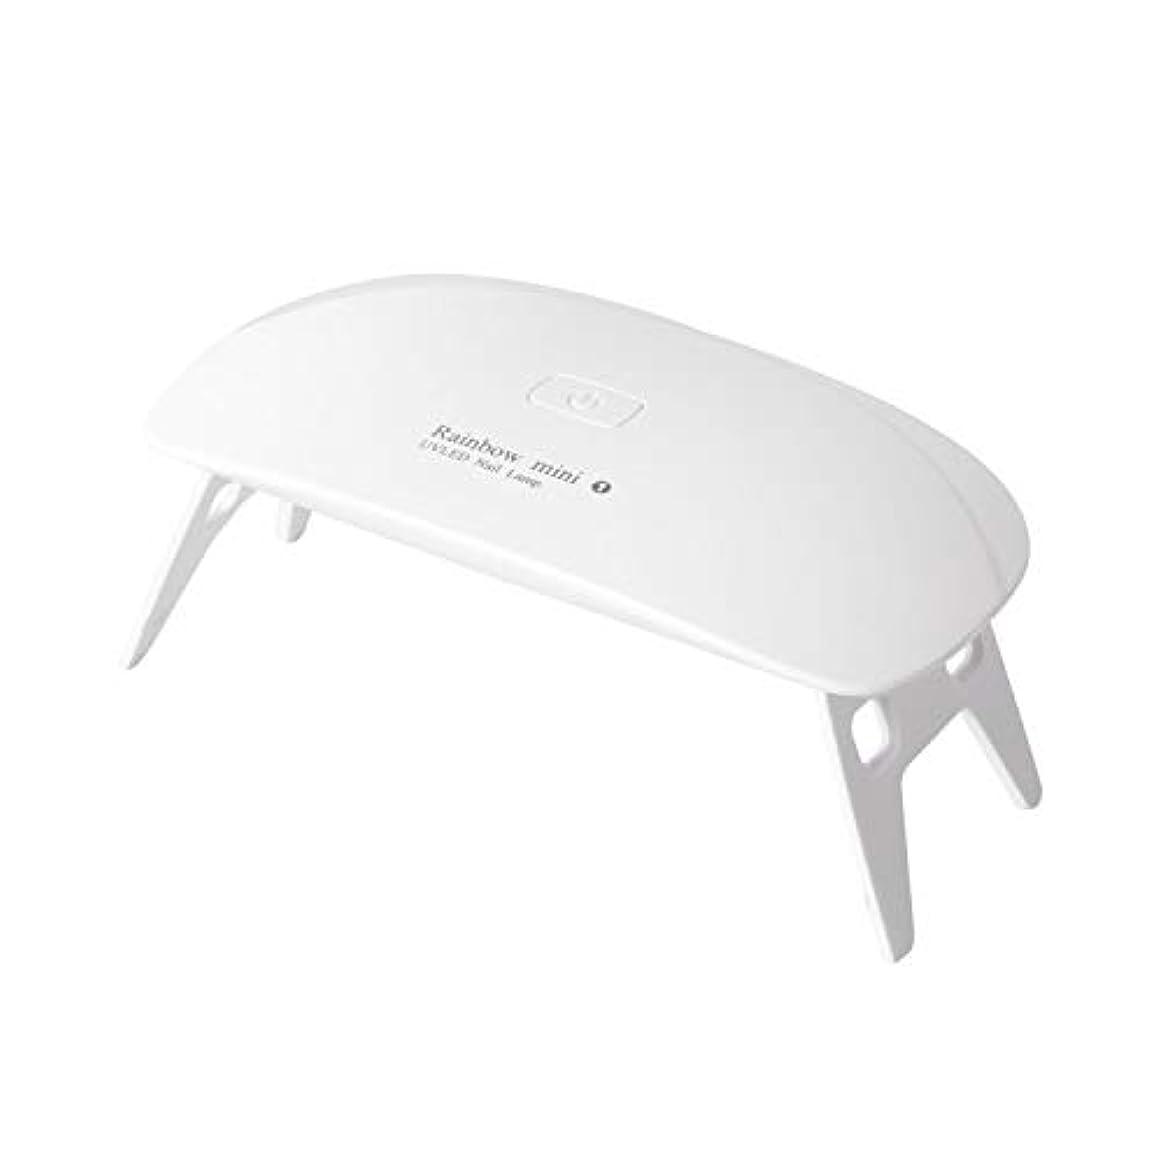 活気づける一流争いLEDネイルドライヤー AmoVee UVライト 硬化用UVライト タイマー設定可能 折りたたみ式 ジェルネイル用 ホワイト